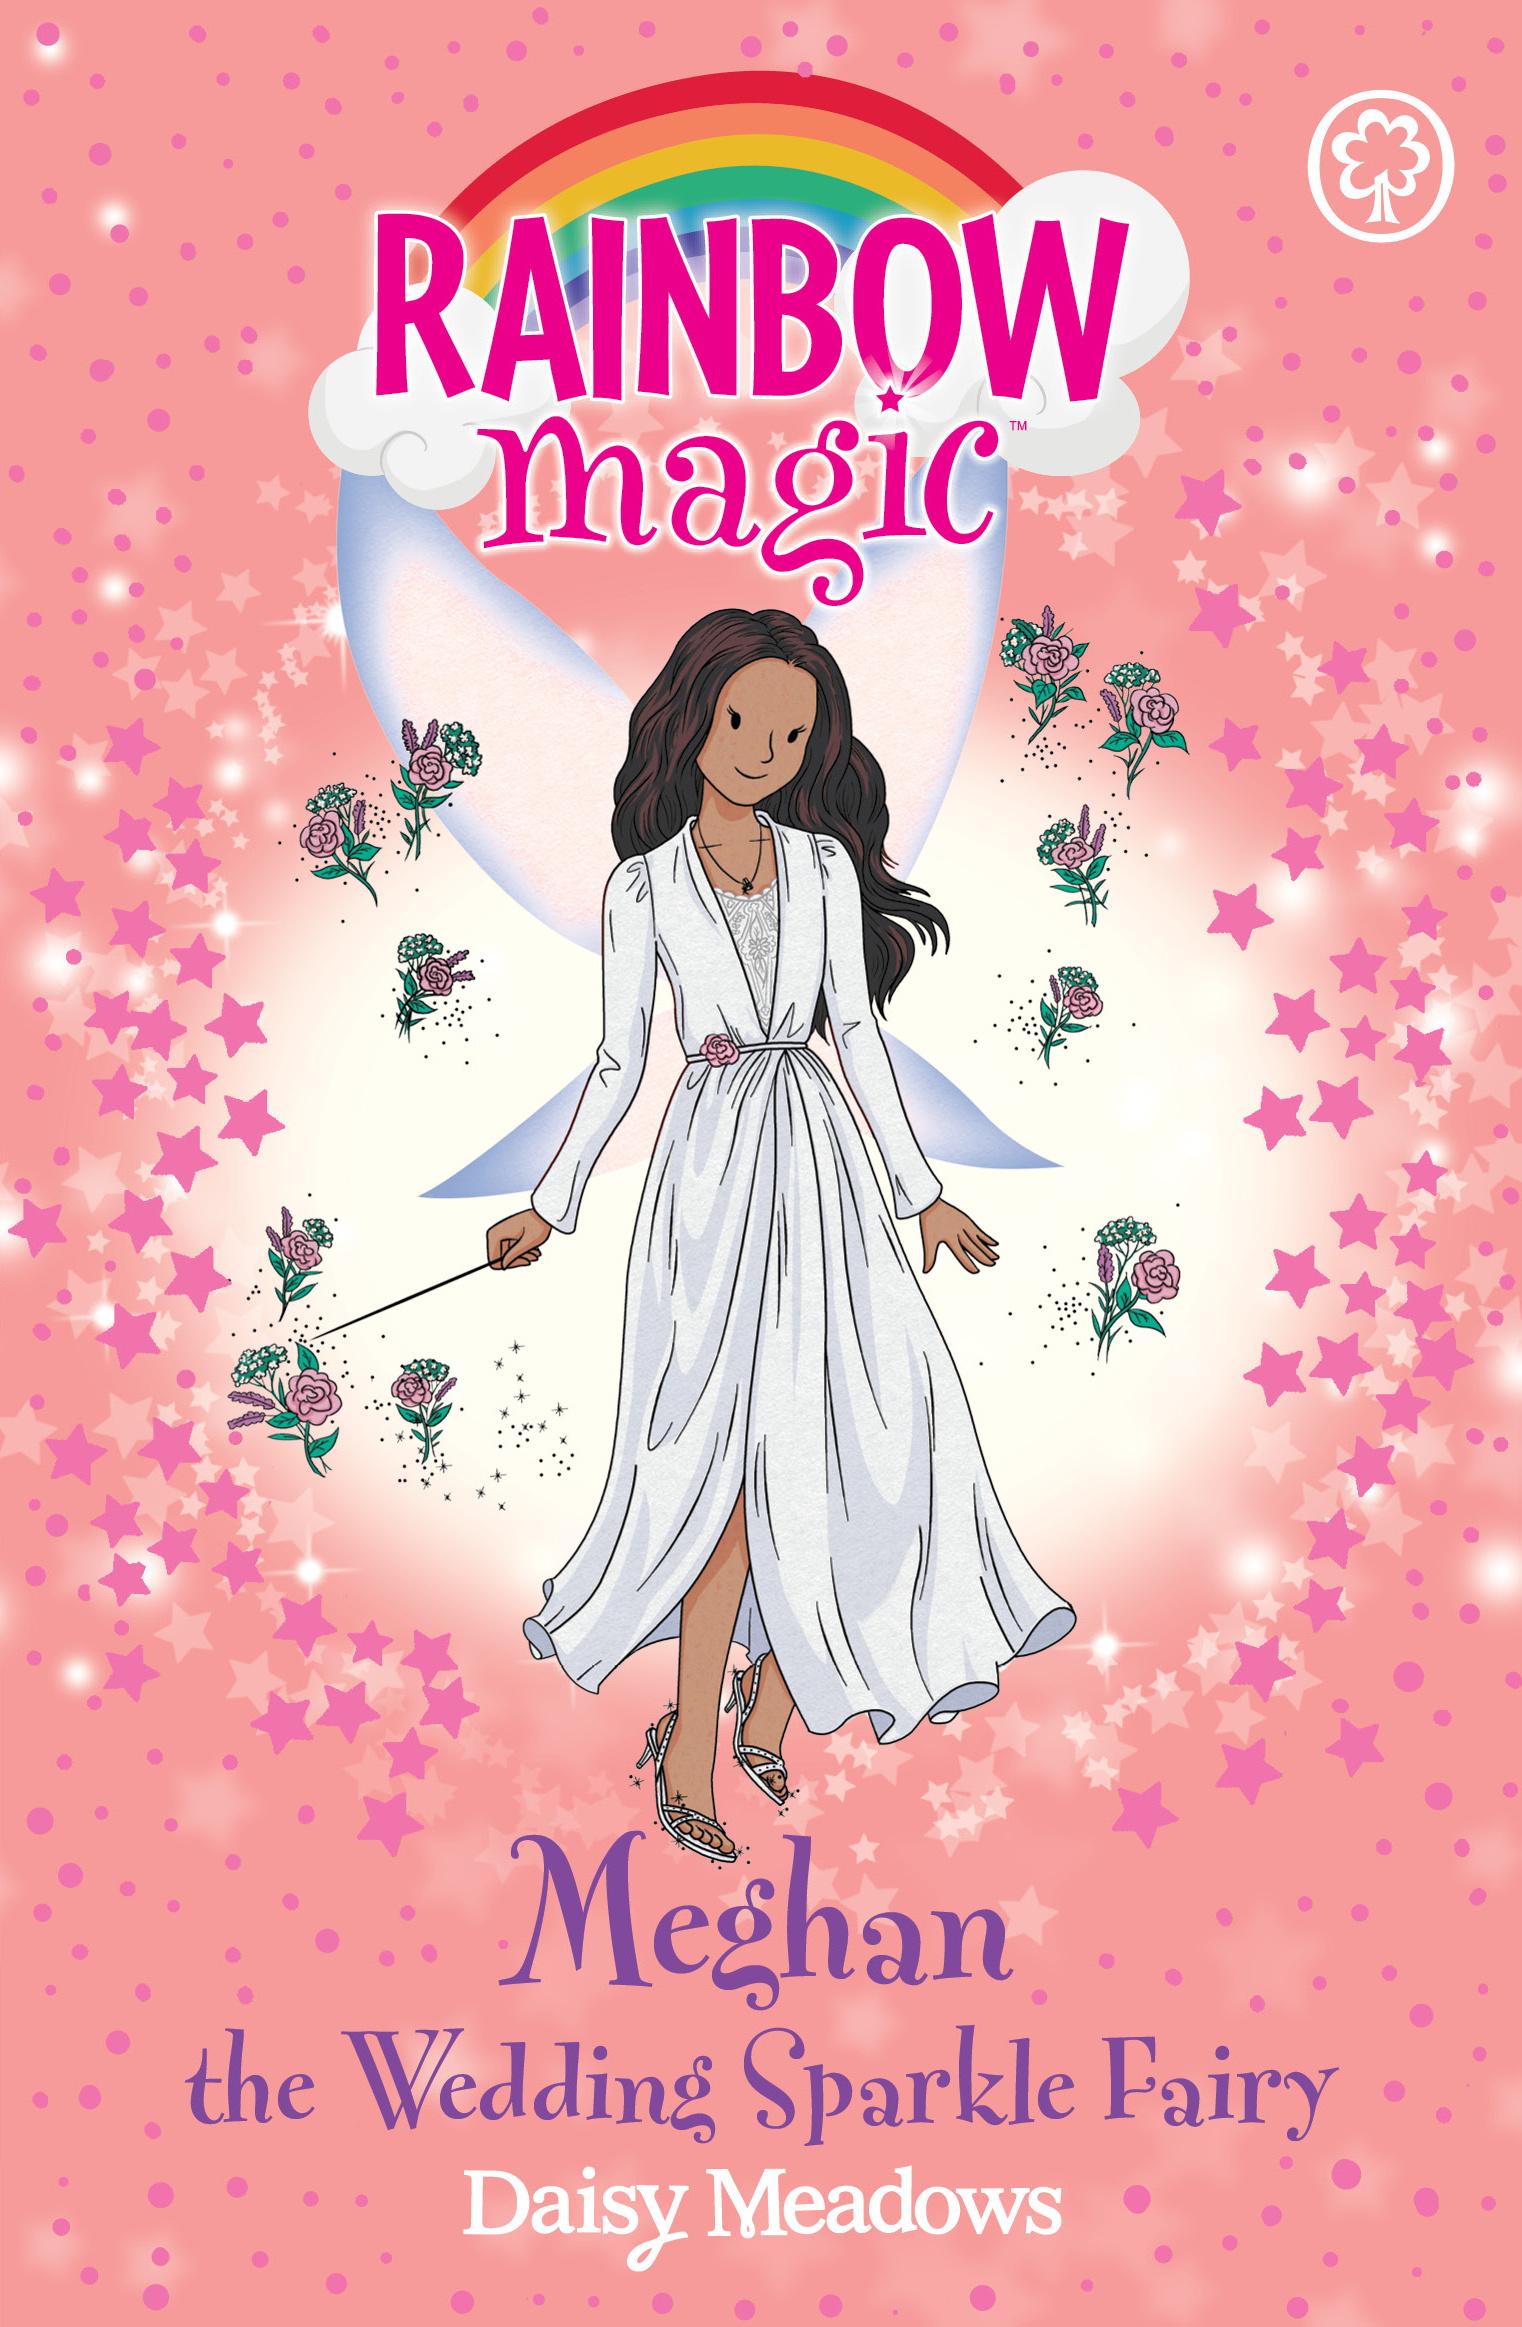 Meghan the Wedding Sparkle Fairy | Rainbow Magic Wiki | FANDOM ...